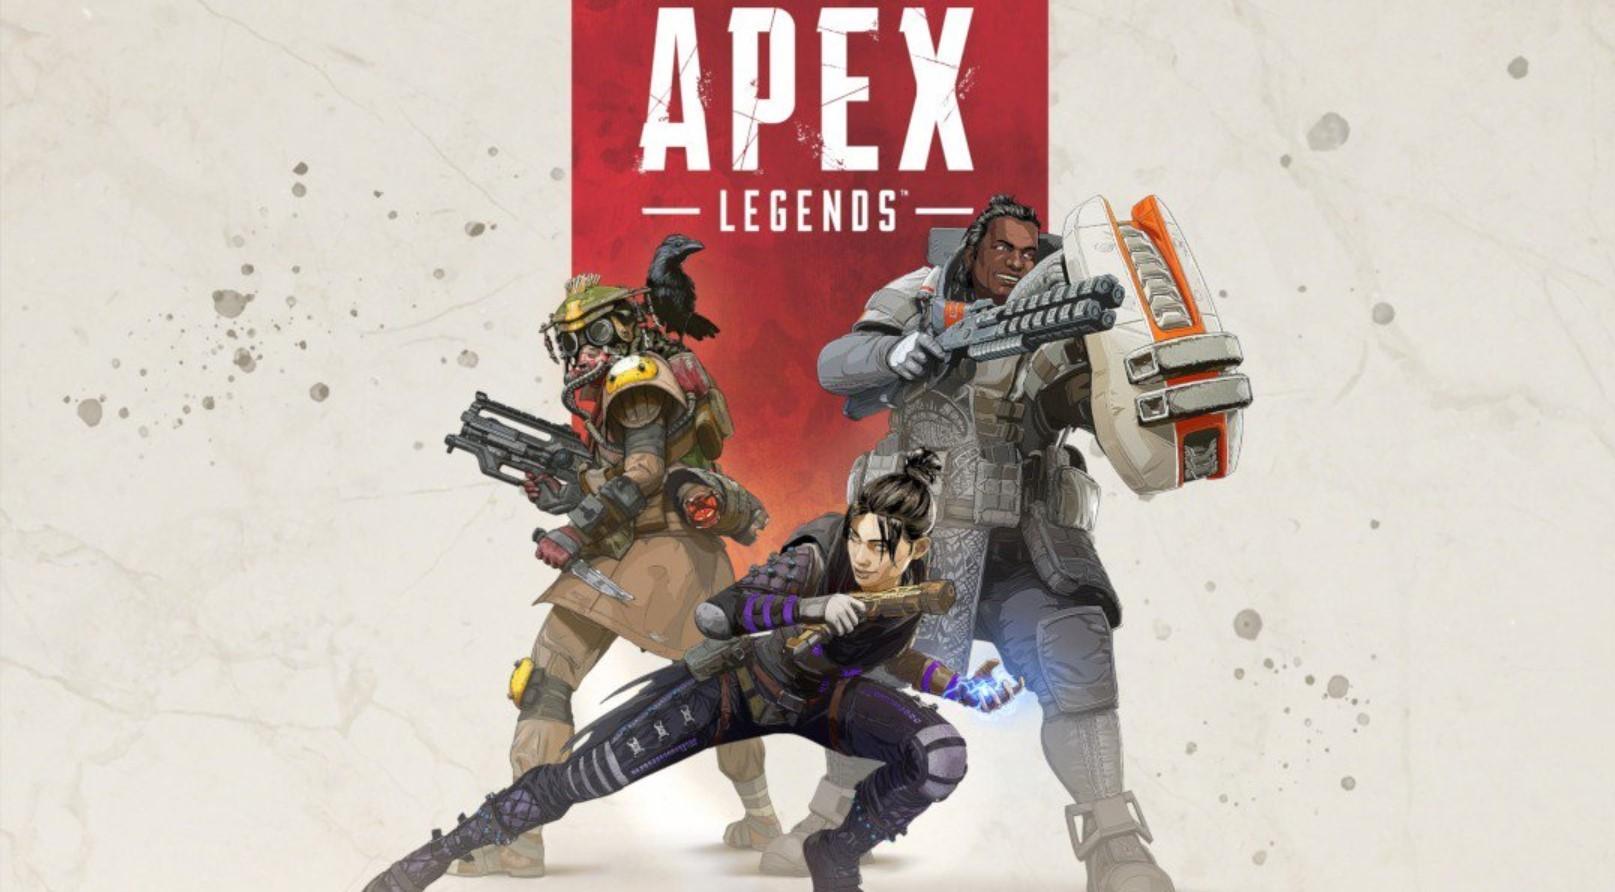 腾讯将代理《Apex英雄》国服?网传腾讯与EA磋商代理事宜